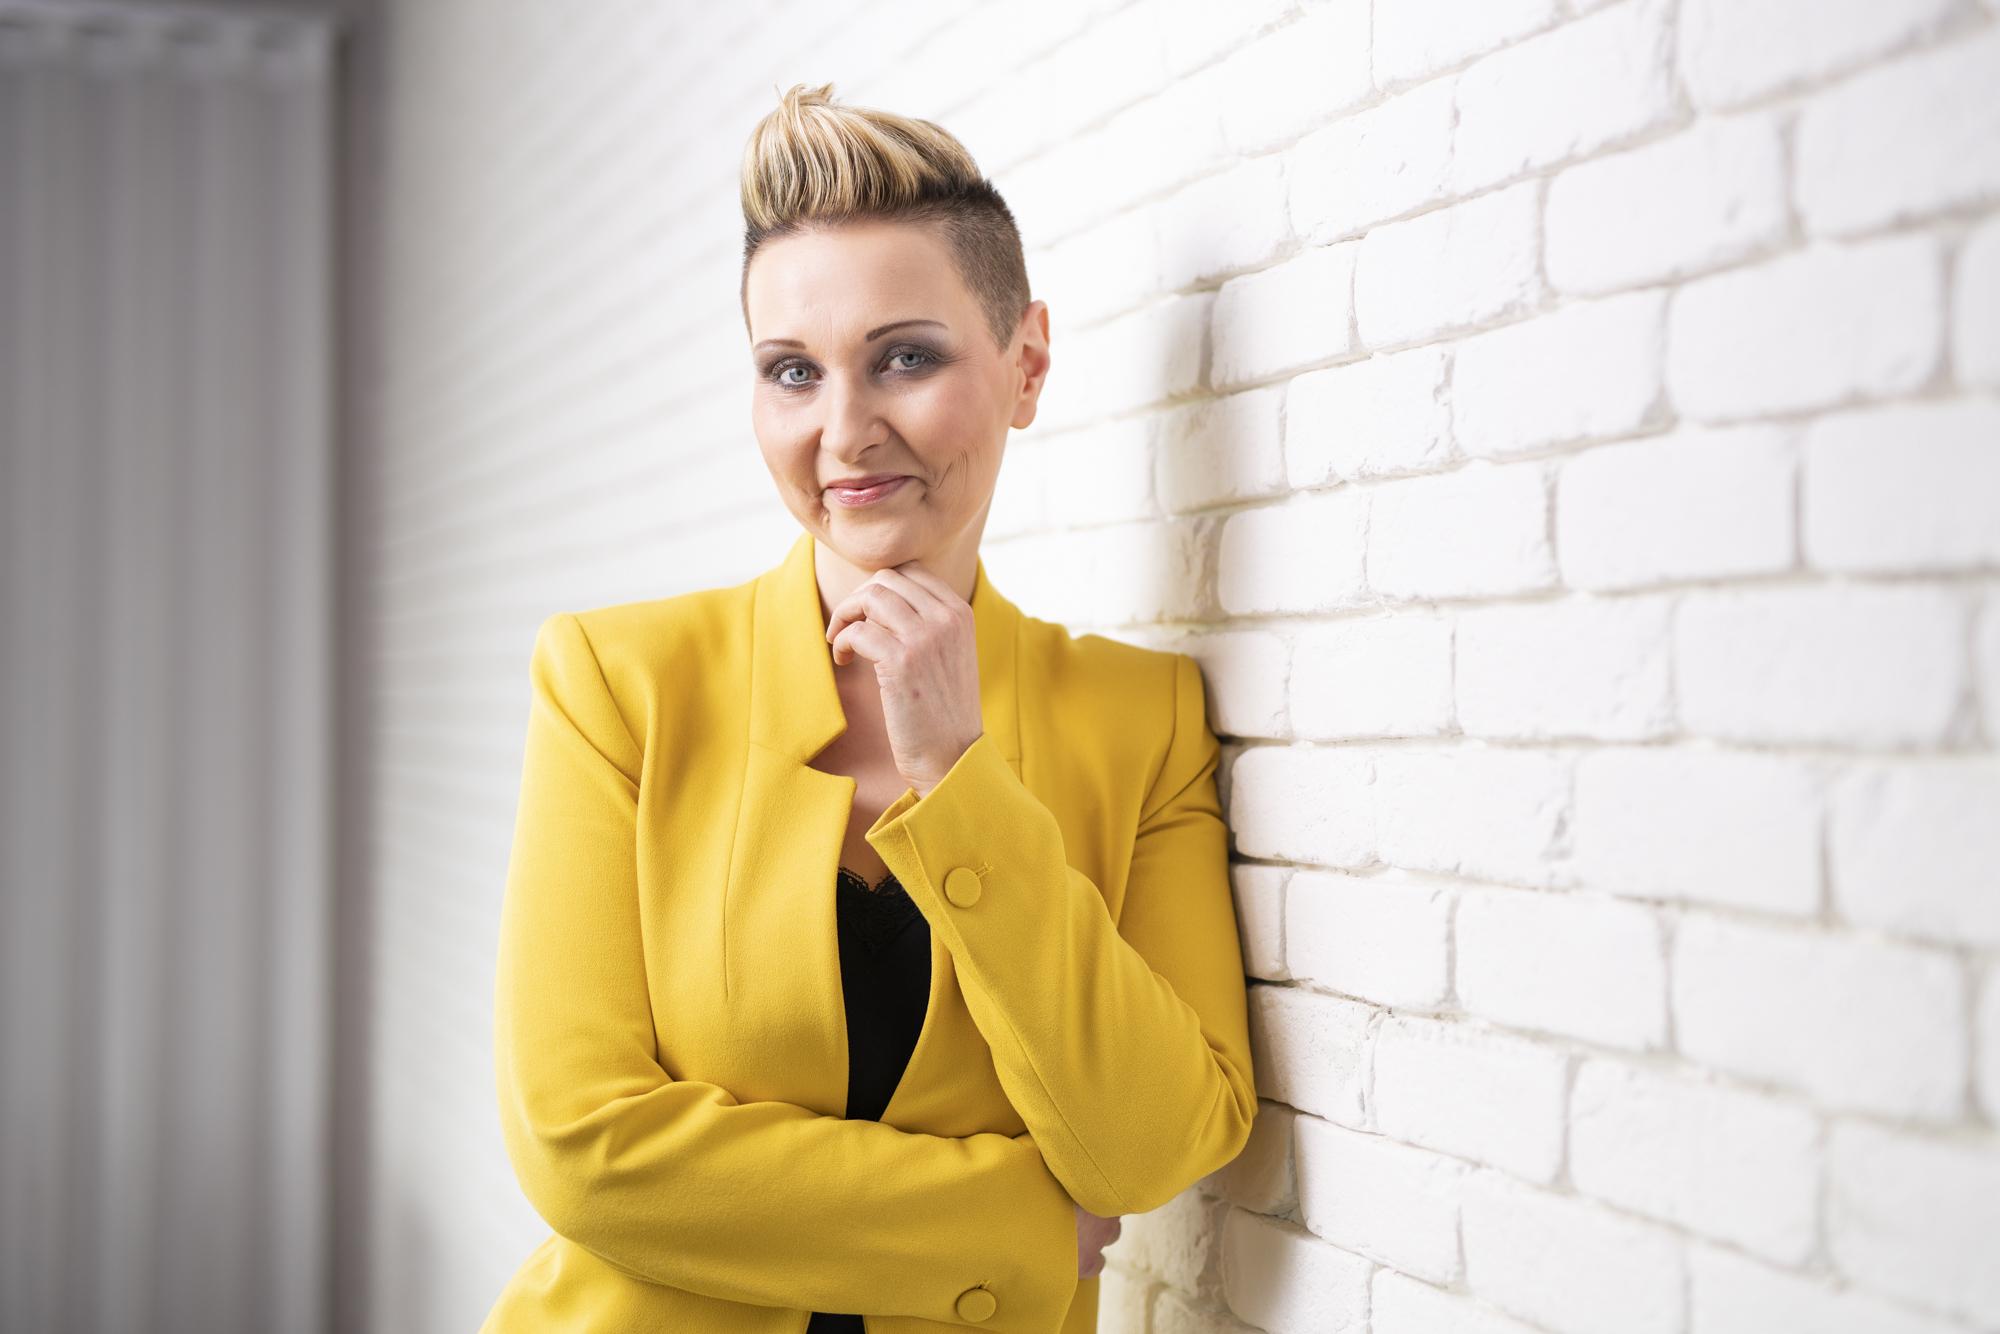 Profilbild Claudia Altmann-Pospischek